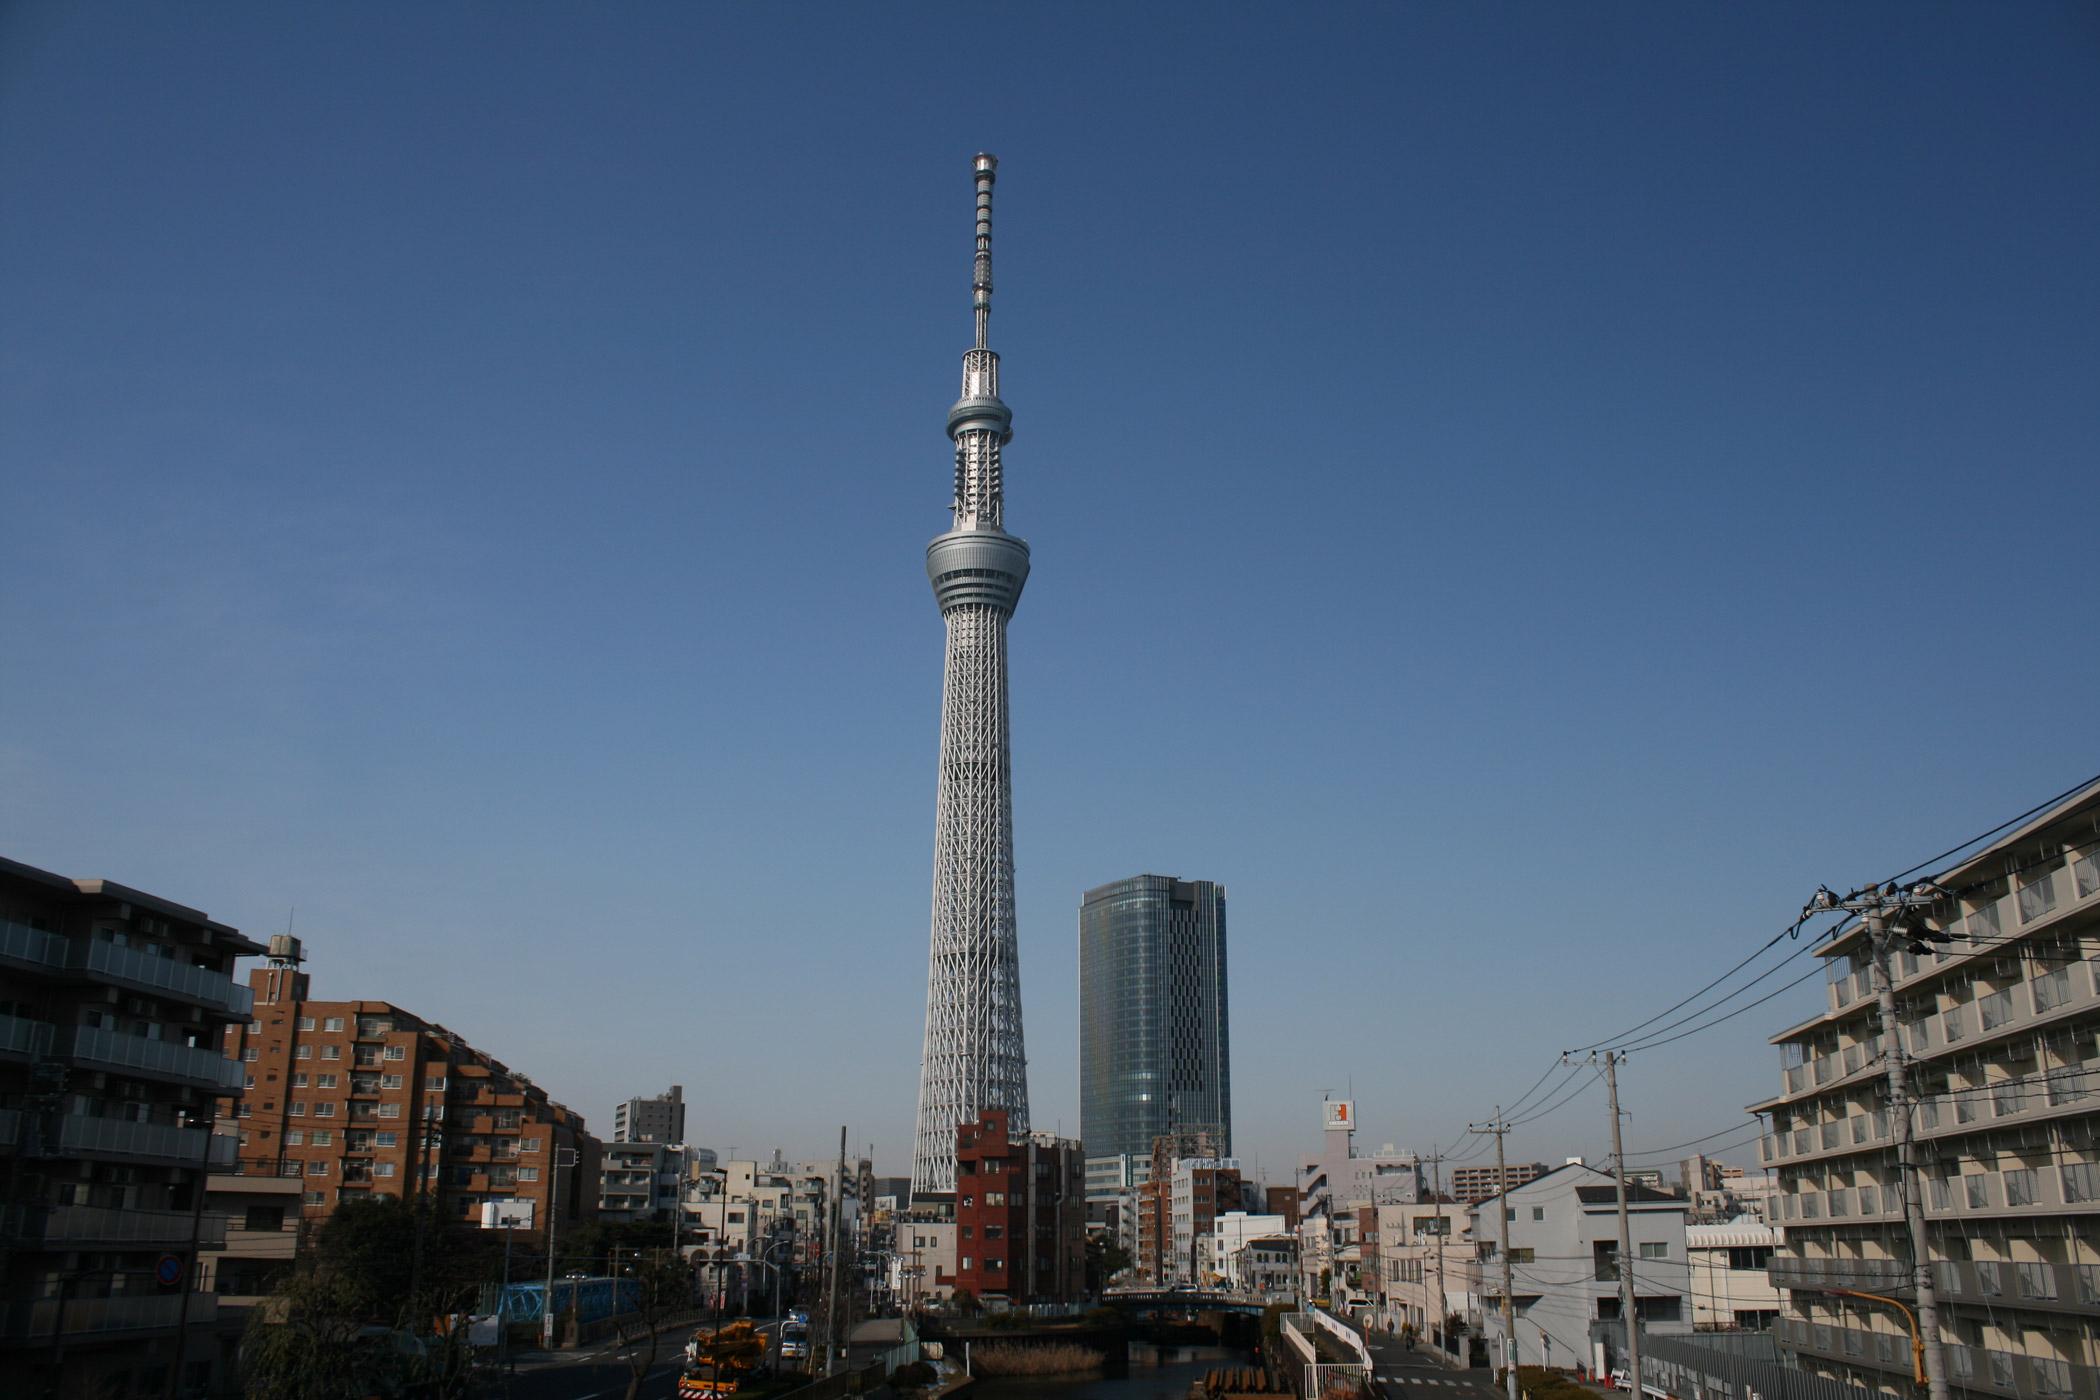 東京スカイツリーの試験電波送信で地デジが映らない